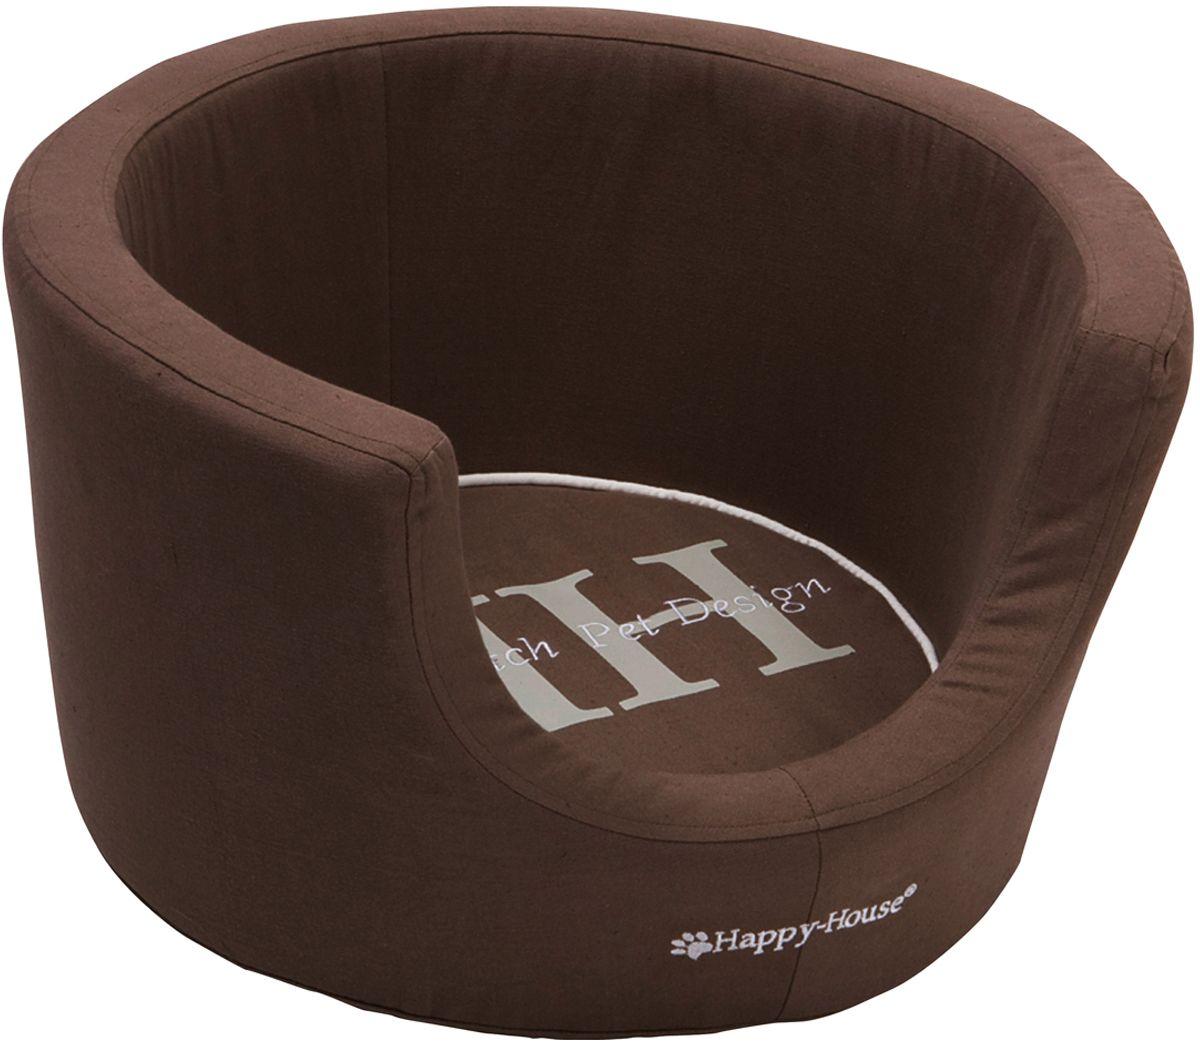 Лежак для животных Happy House Canvas Comfort, цвет: коричневый, 43 х 43 х 25 см0120710Лежак Happy House Canvas Comfort непременно станет любимым местом отдыха вашего домашнего животного. Изделие выполнено из высококачественного хлопка, а наполнитель - из полиэстера. Такой материал не теряет своей формы долгое время. Внутри имеется мягкая съемная подстилка. На таком лежаке вашему любимцу будет мягко и тепло. Он подарит вашему питомцу ощущение уюта и уединенности.